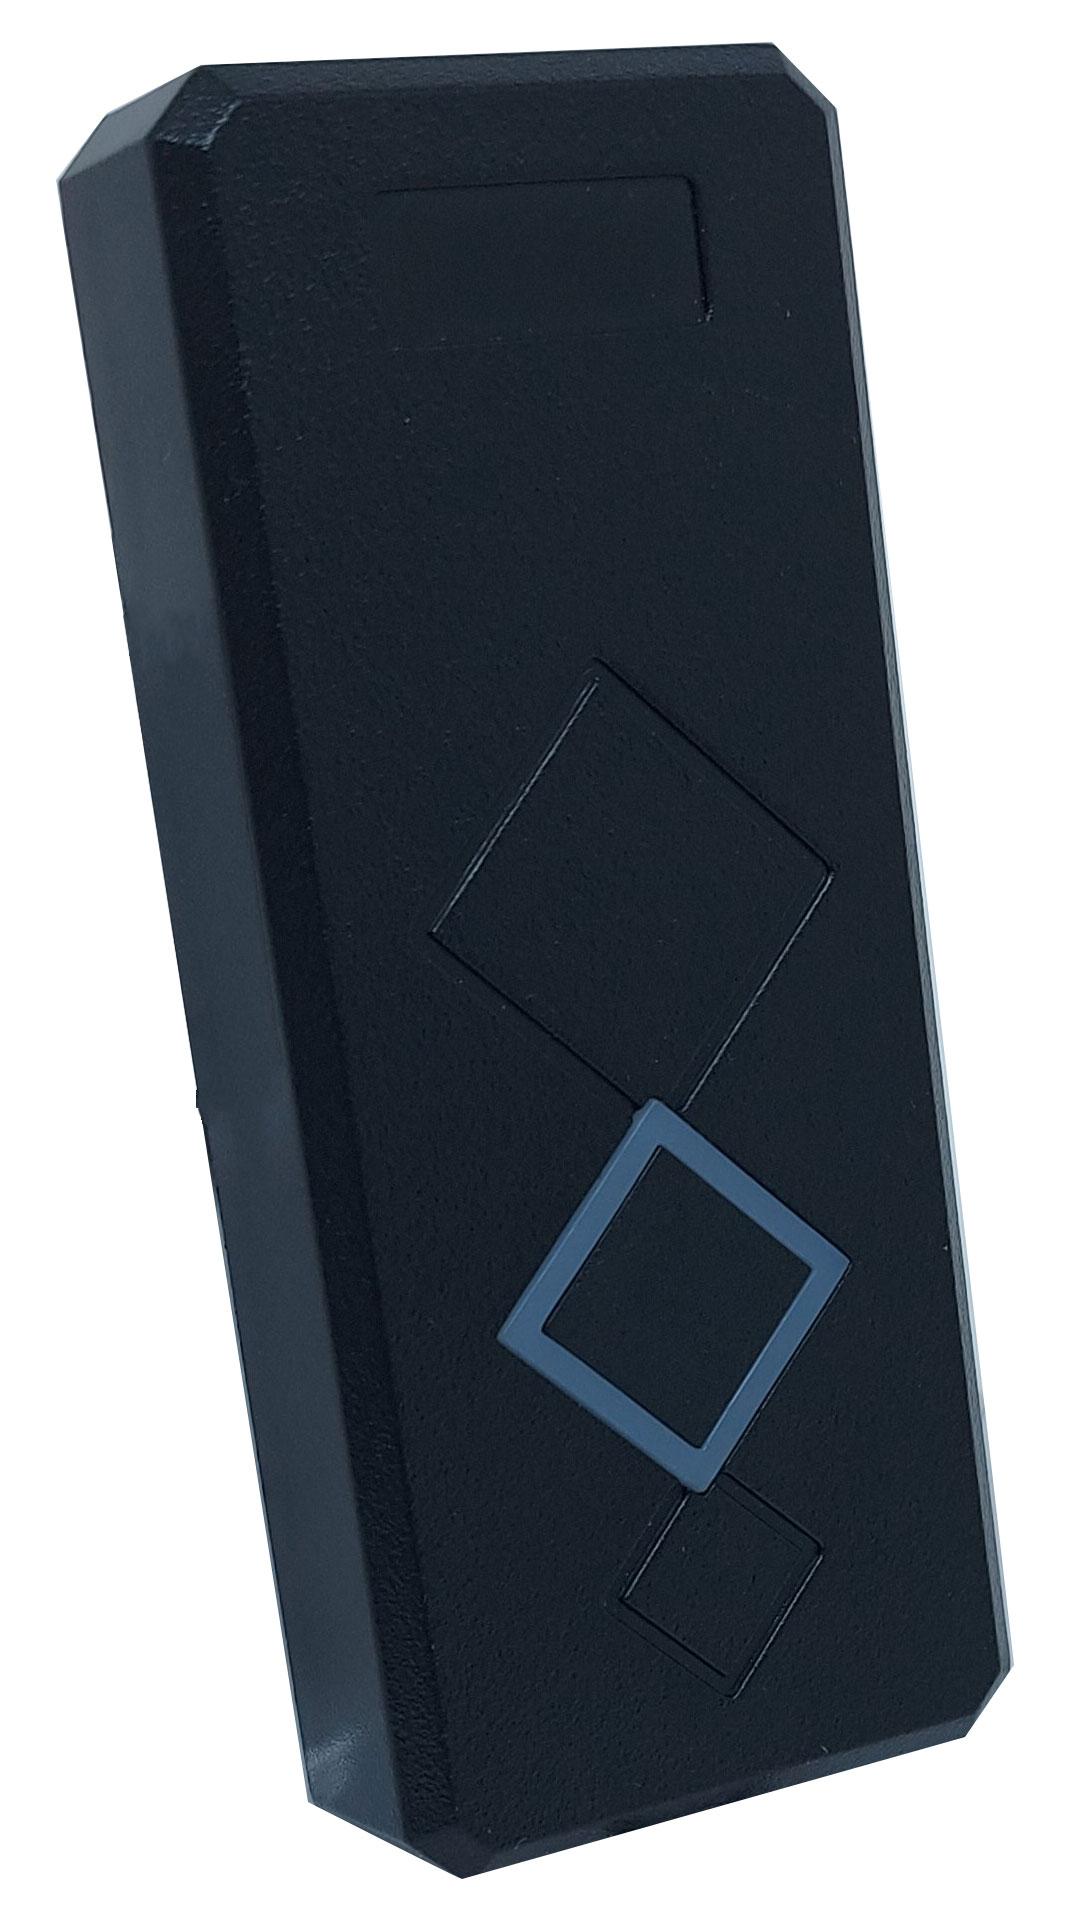 Leitor Controle de Acesso para Tag 13,56 MHZ  - 2052